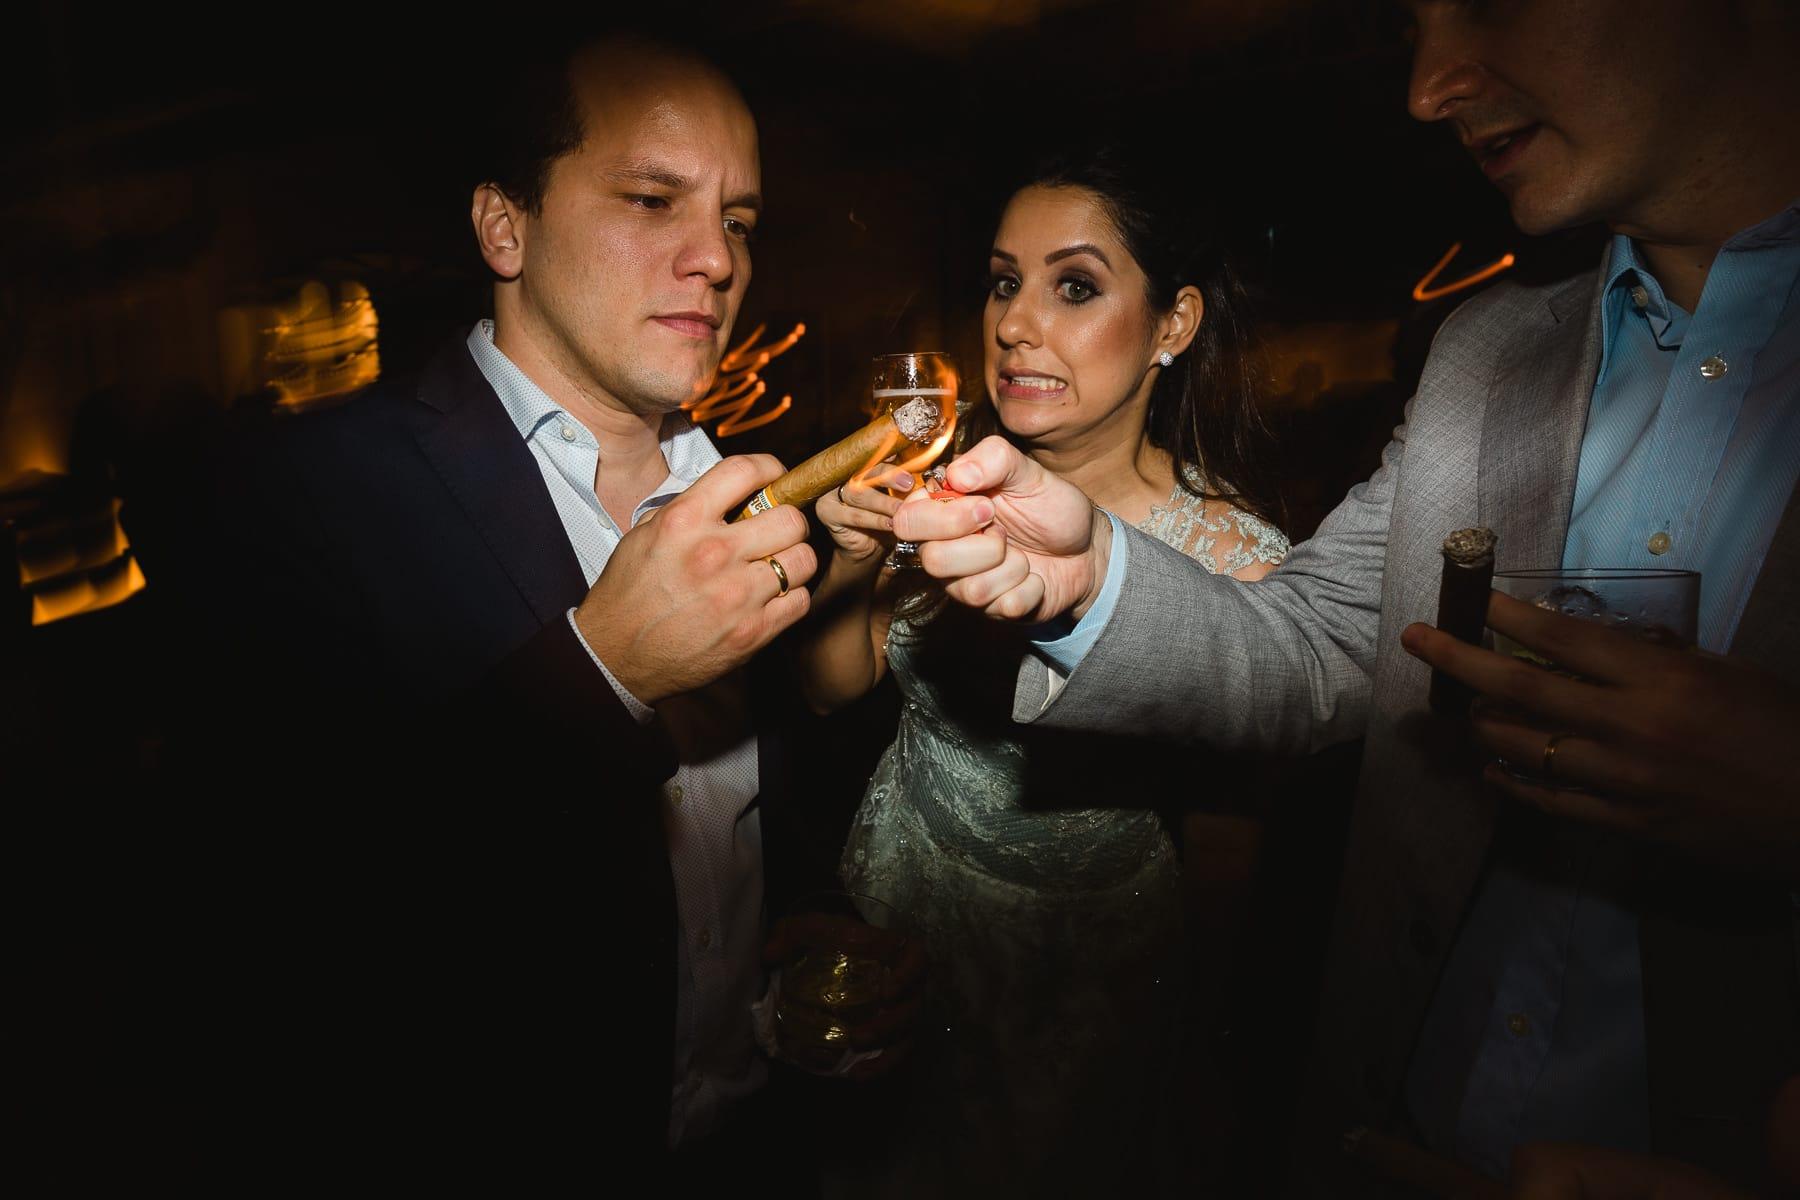 festa de casamento fortaleza